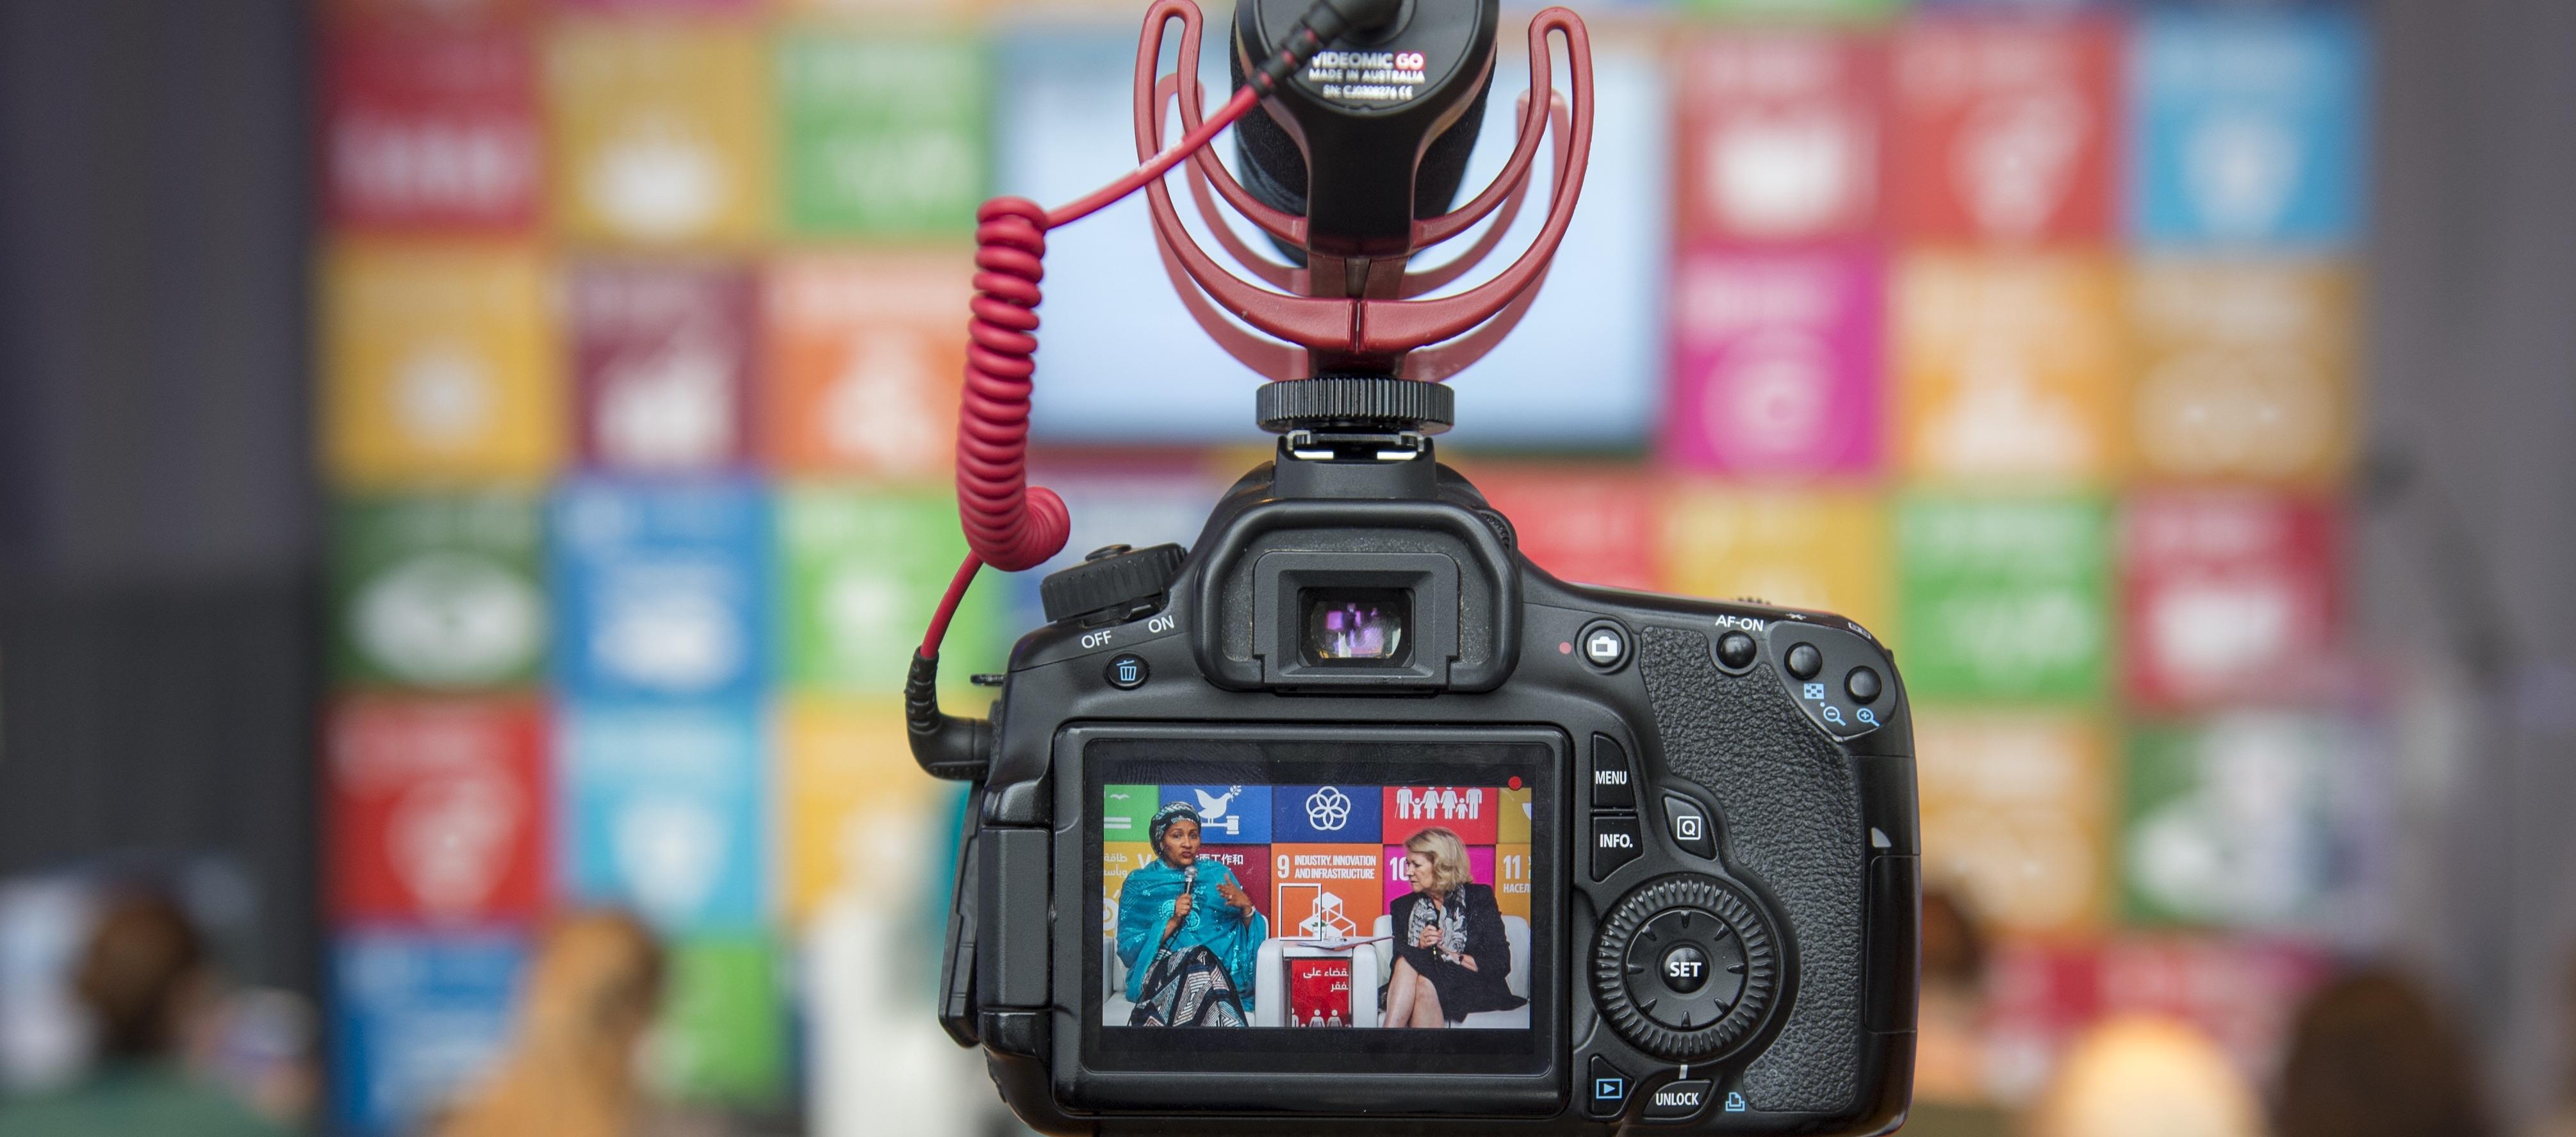 Campaña por el III aniversario de los ODS: cuéntale al mundo el compromiso de tu municipio con la Agenda 2030